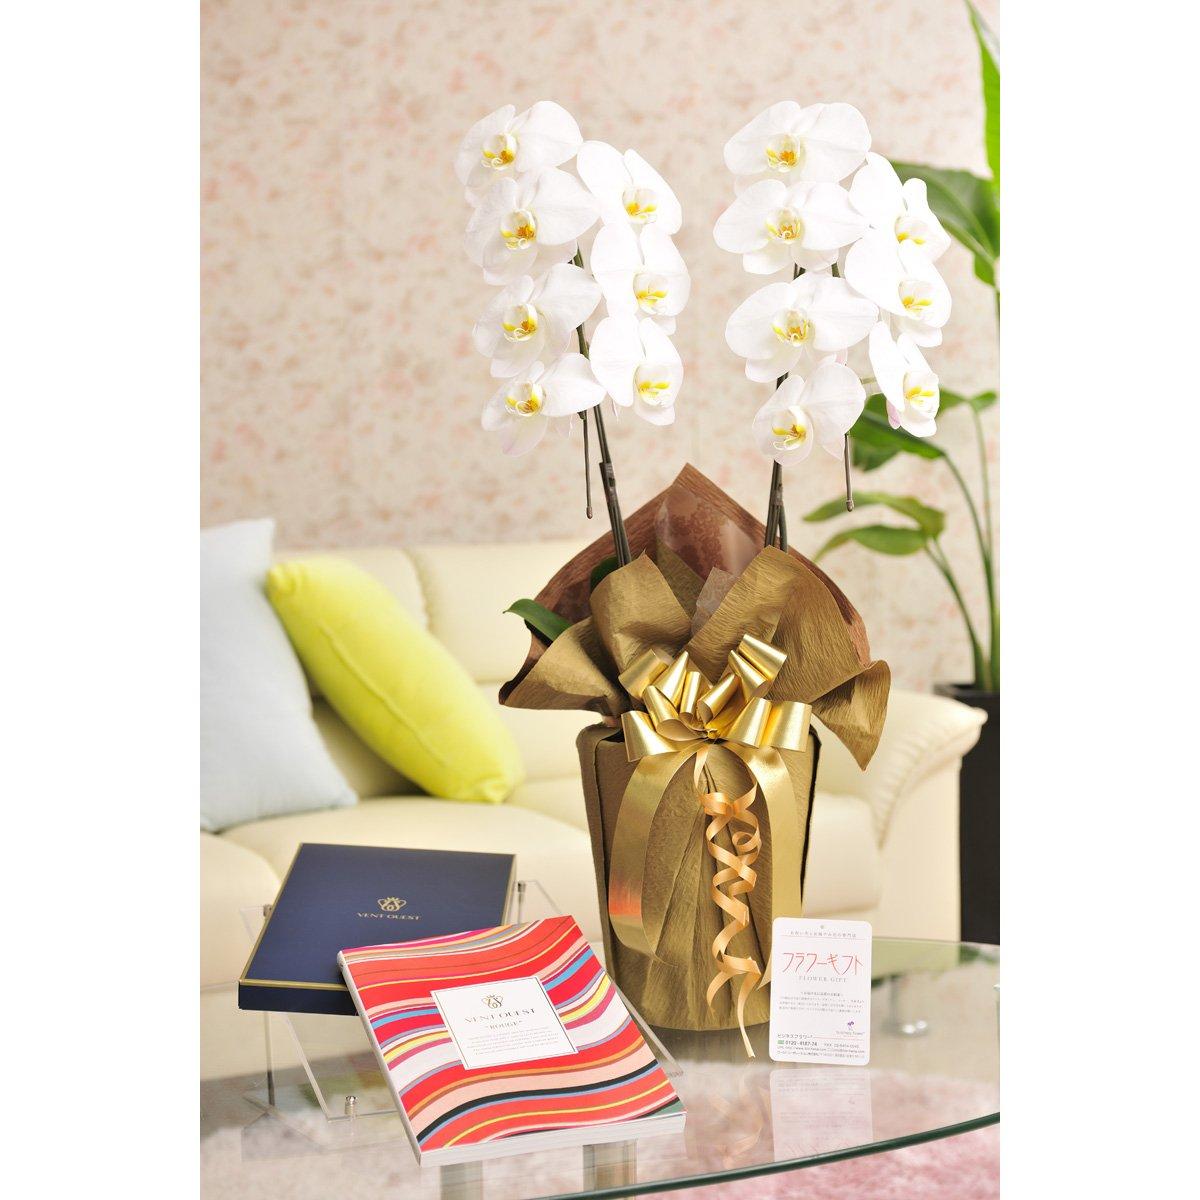 花とギフトのセット 胡蝶蘭 大輪2本立とカタログギフト(ヴァンウェスト/ルージュ) B07DT9J4QH